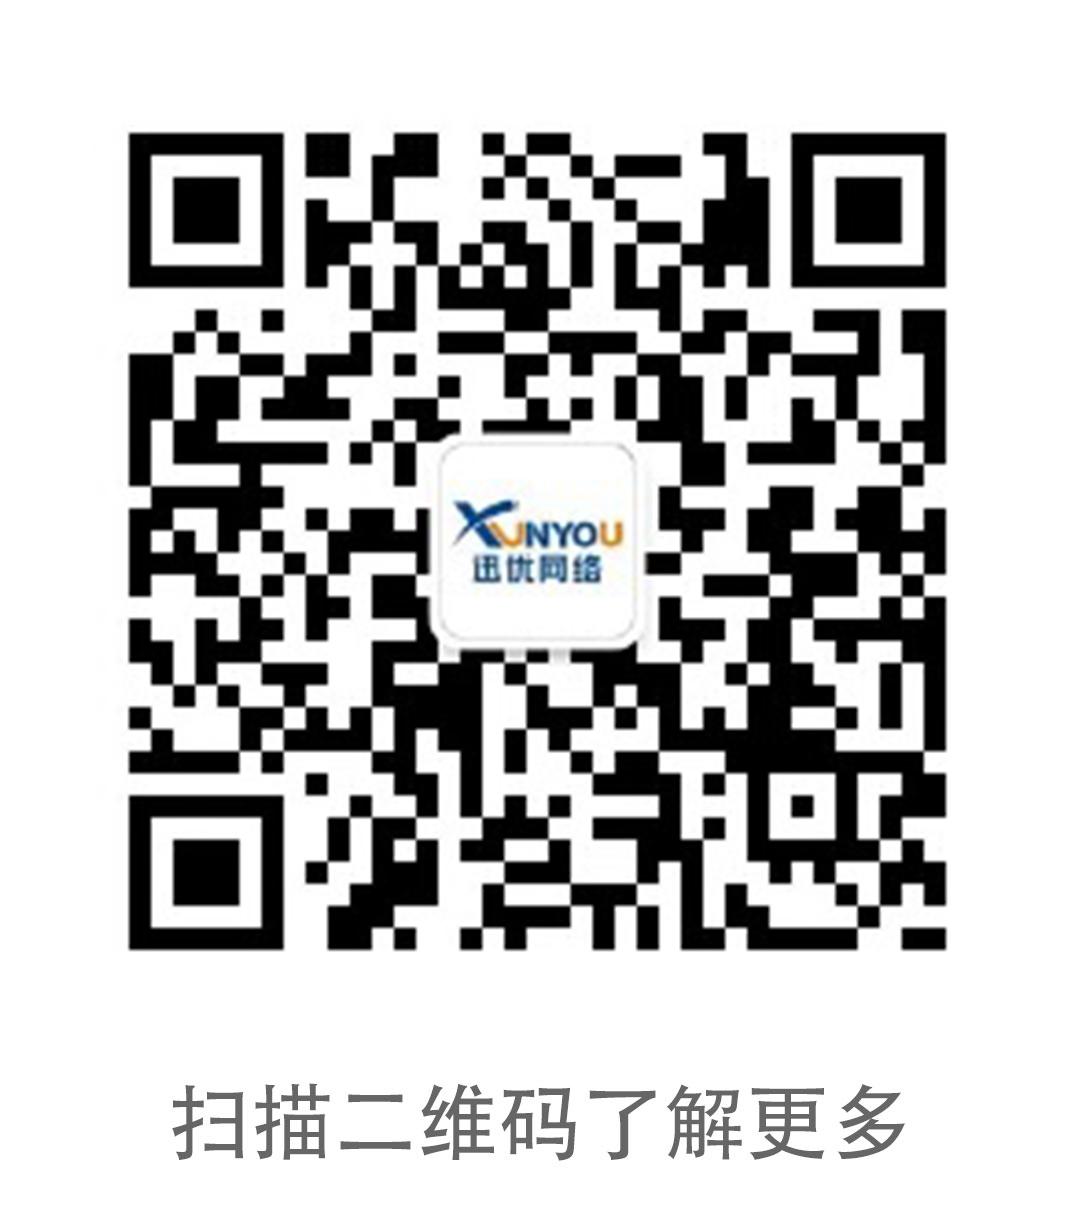 青岛系统定制,青岛软件开发,青岛软件公司,青岛软件外包,青岛小程序开发,物联网程序开发